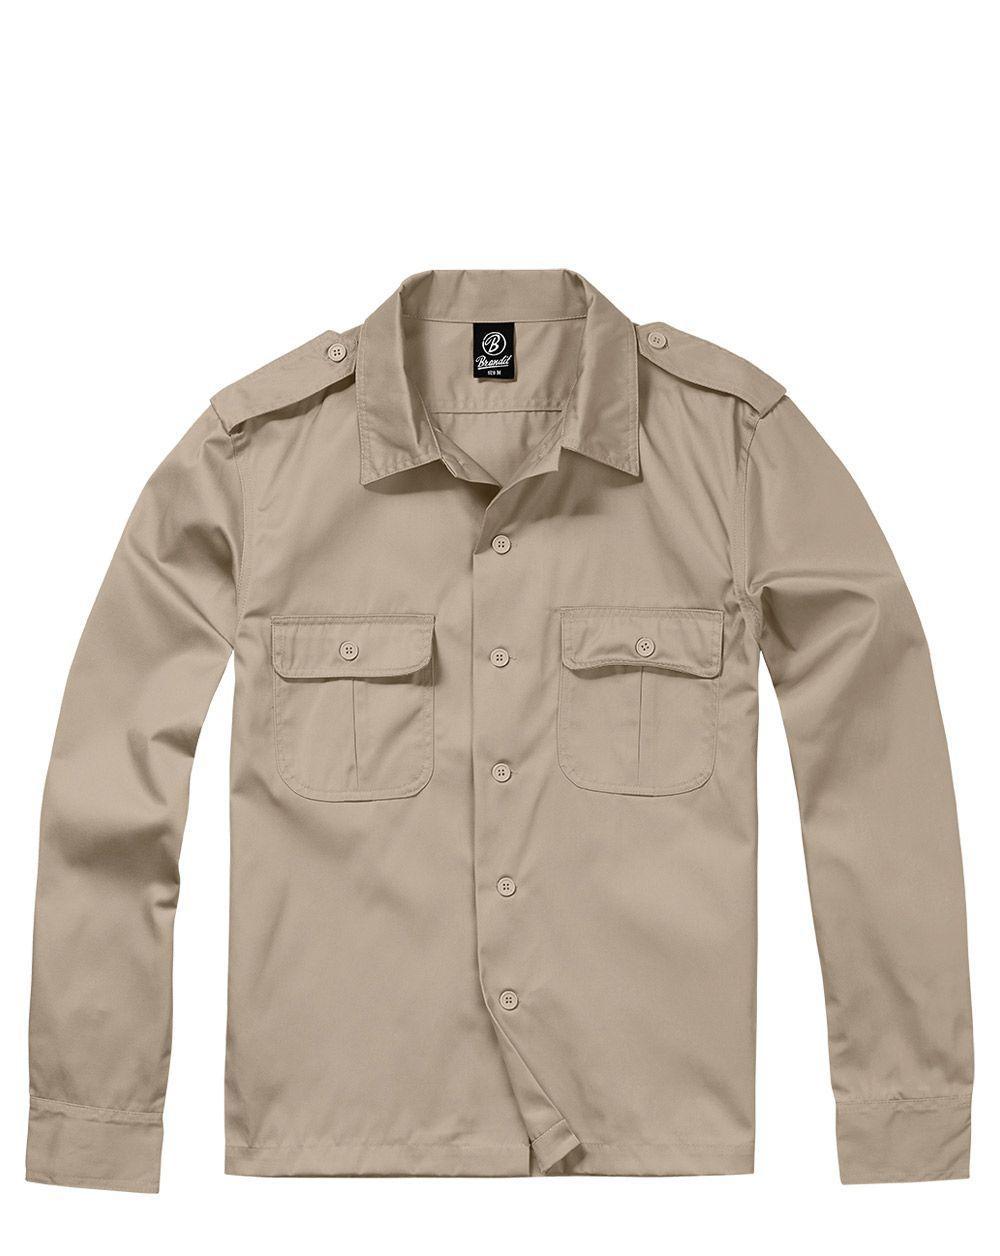 Brandit U.S. Långärmad Skjorta (Beige, XL)